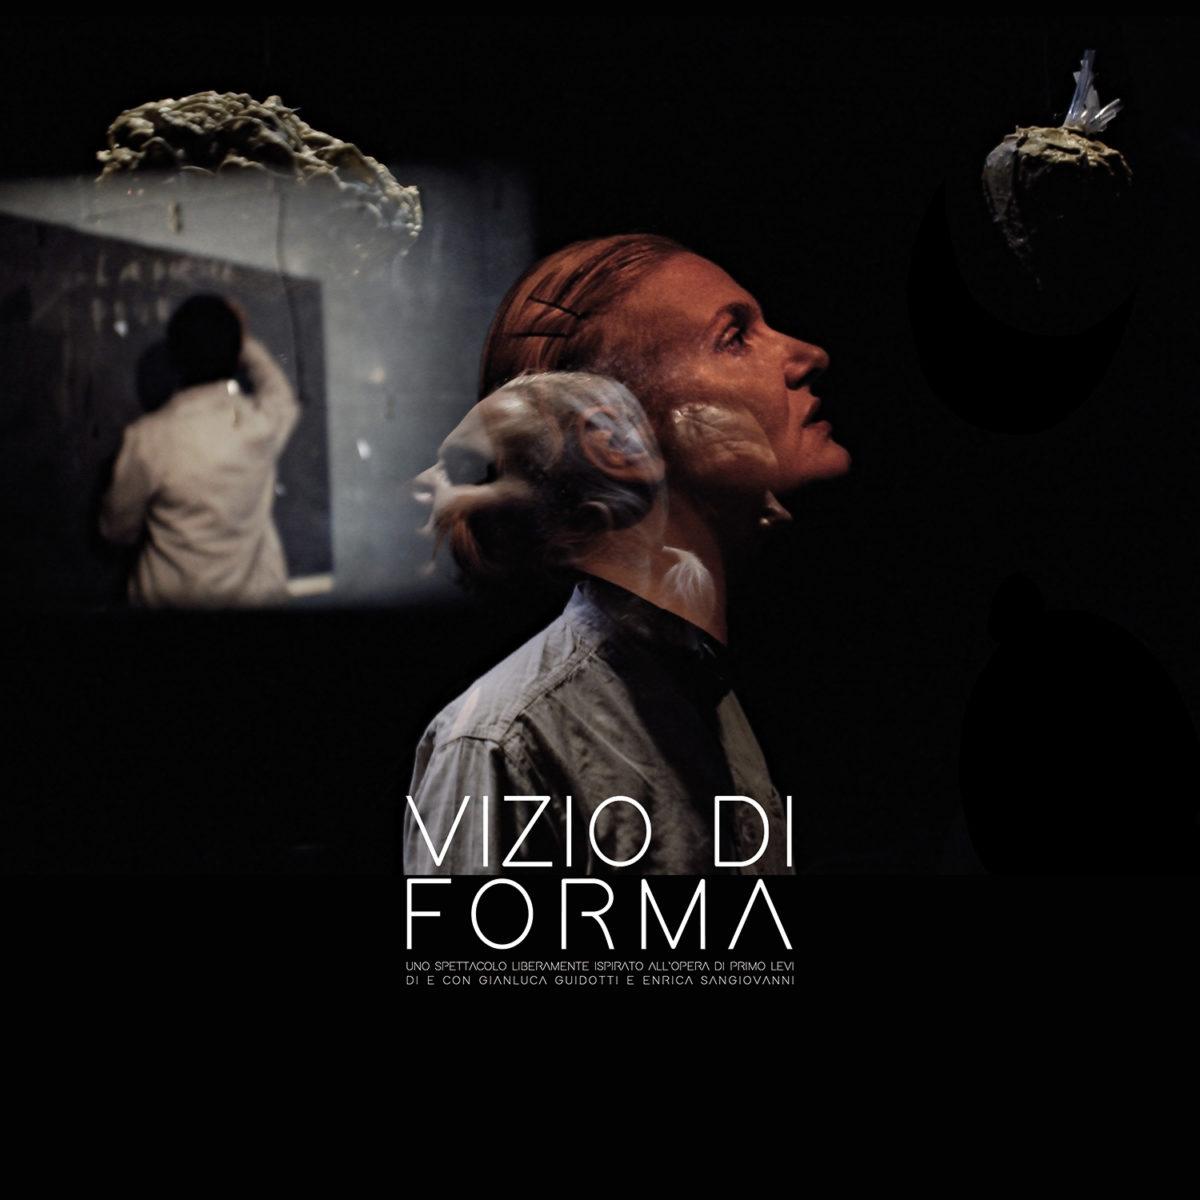 foto VIZIO DI FORMA archivio zeta